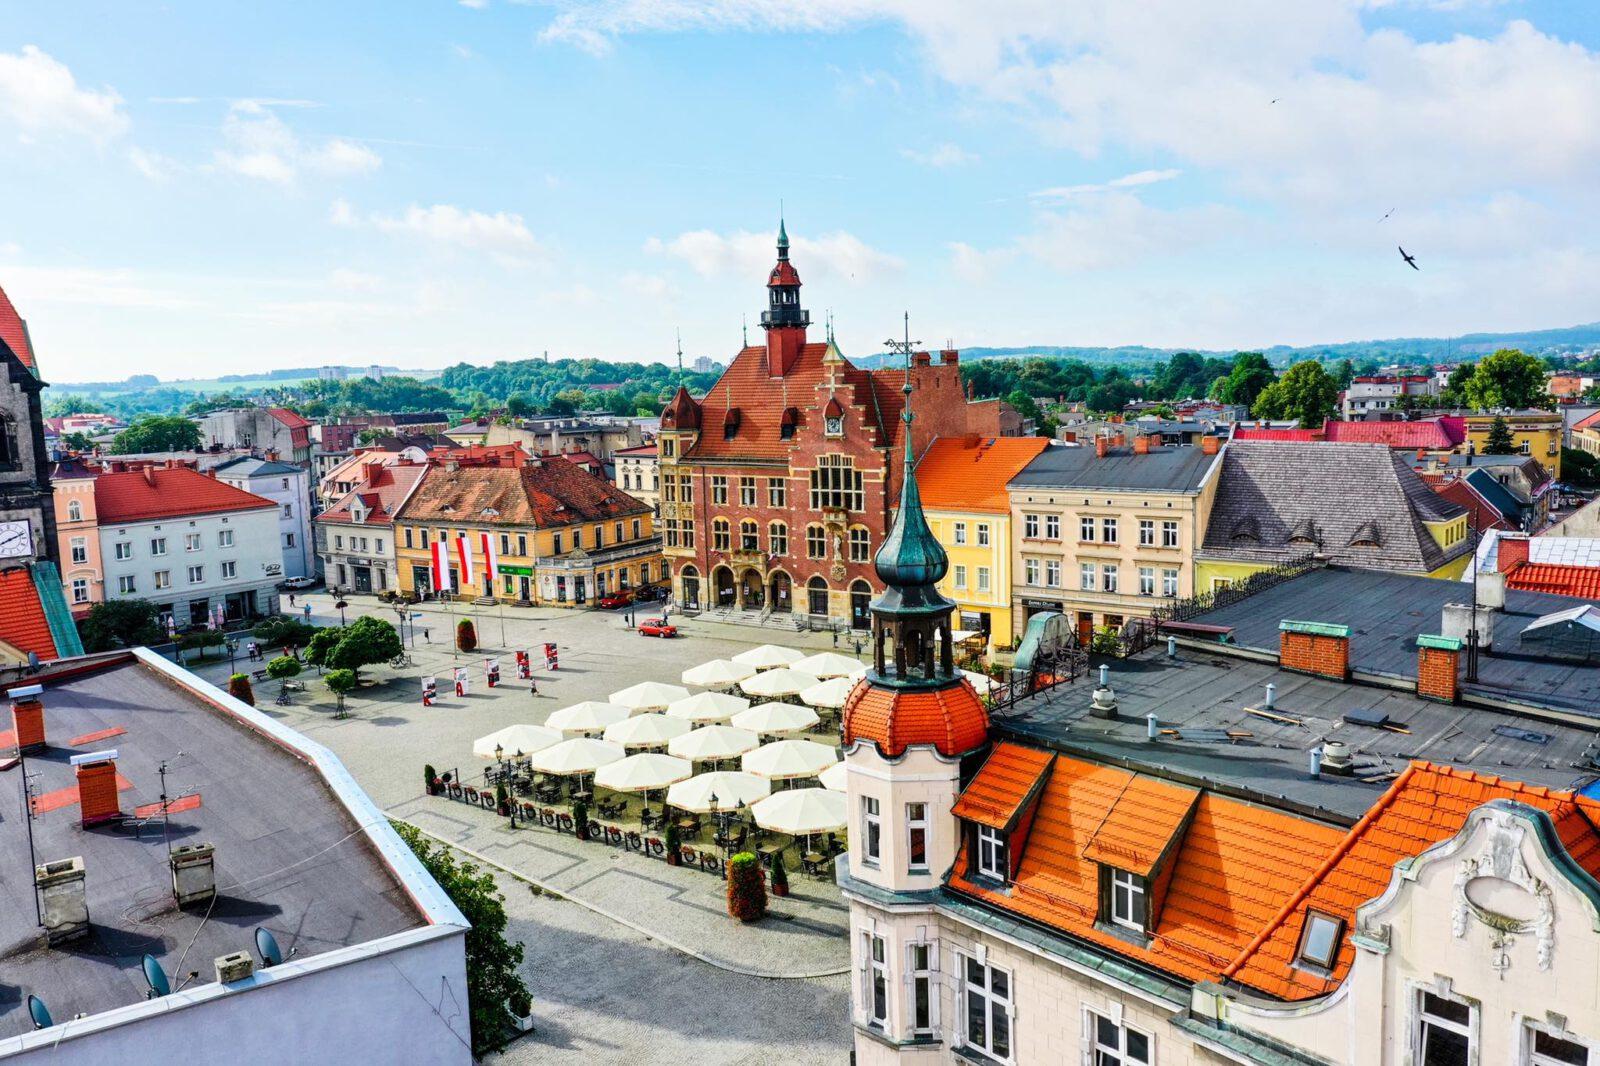 Widok na Rynek w Tarnowskich Górach z lotu ptaka